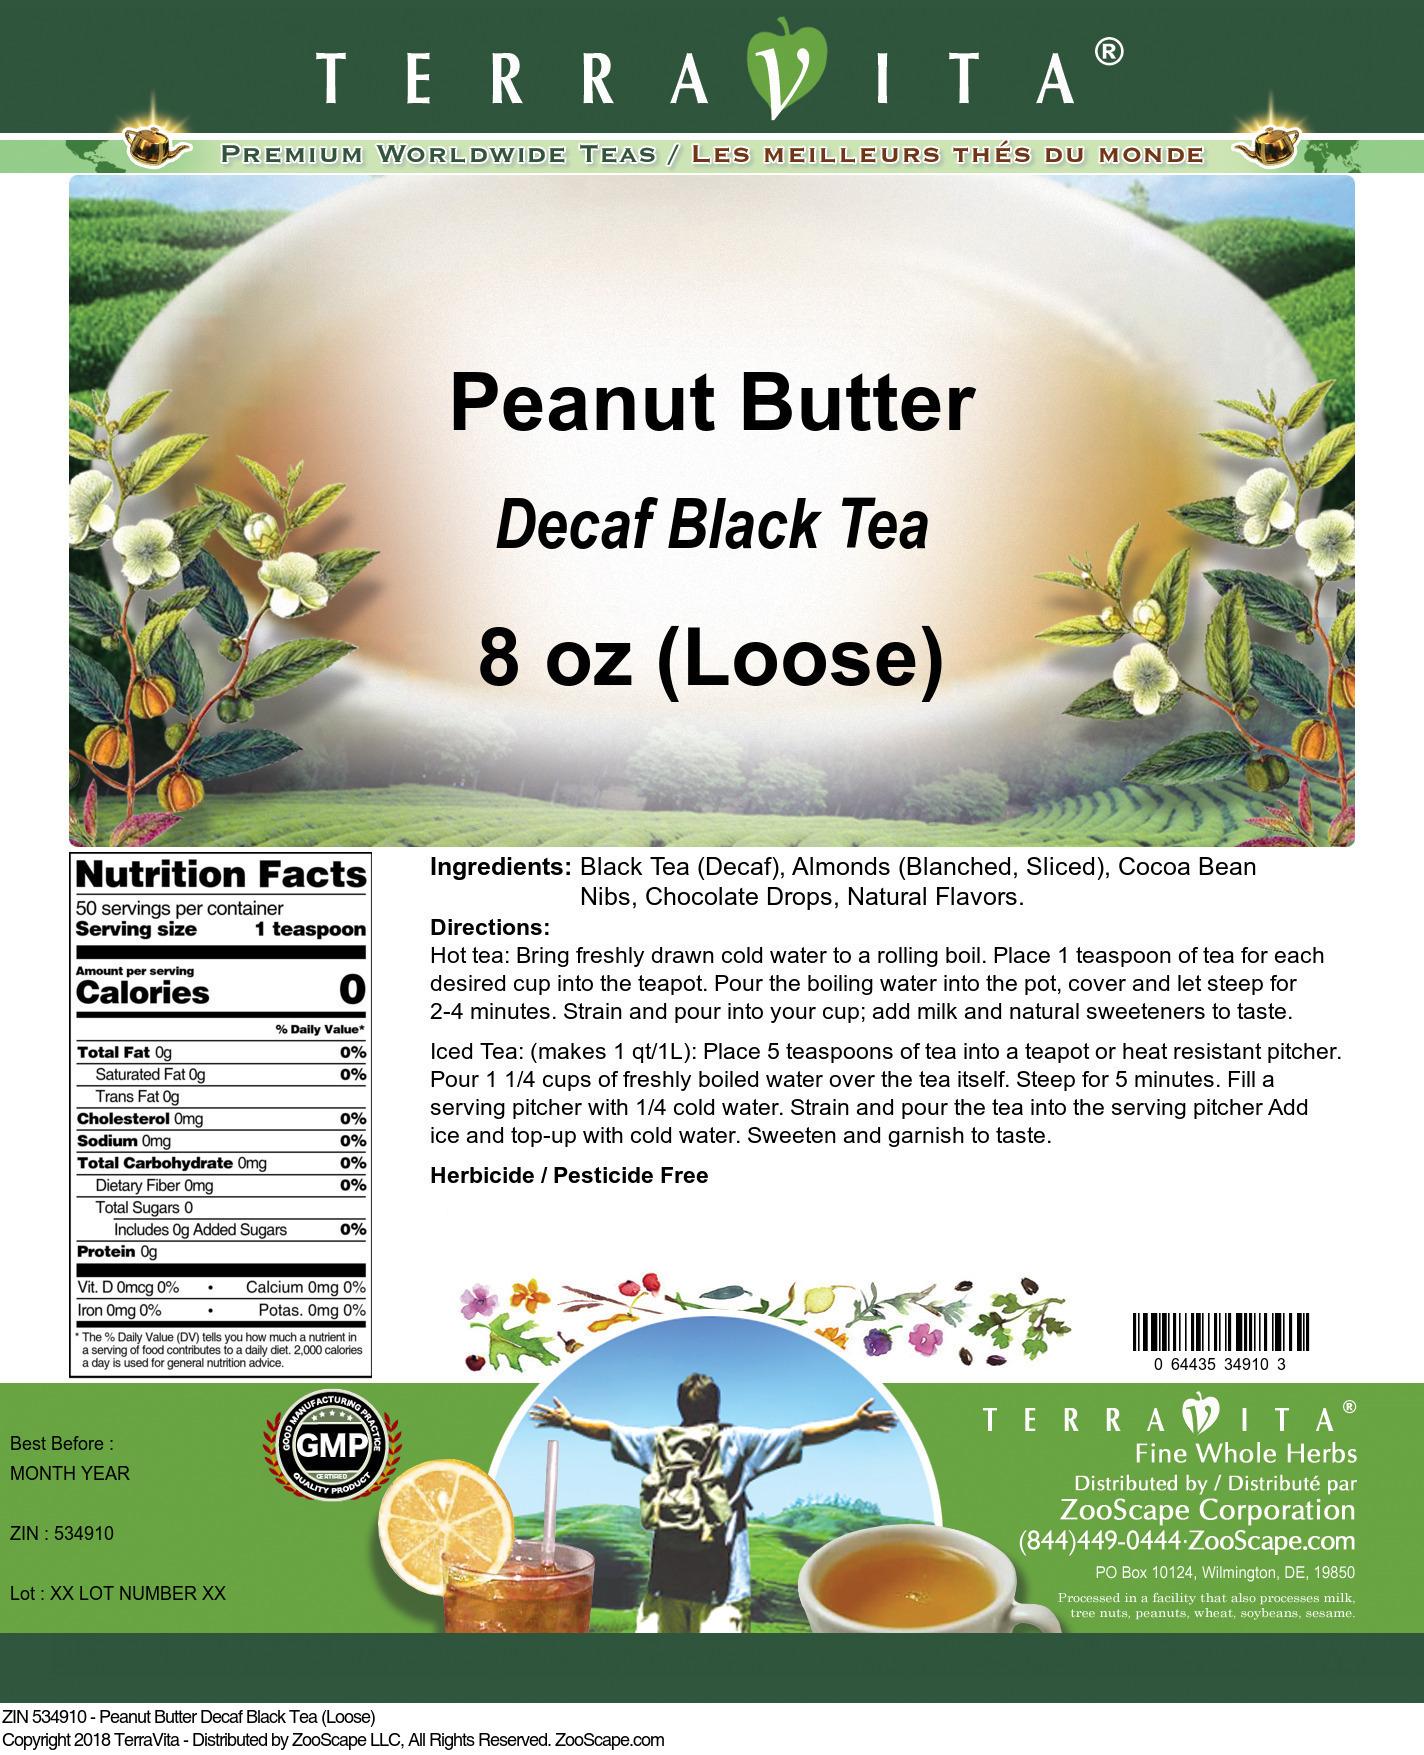 Peanut Butter Decaf Black Tea (Loose)